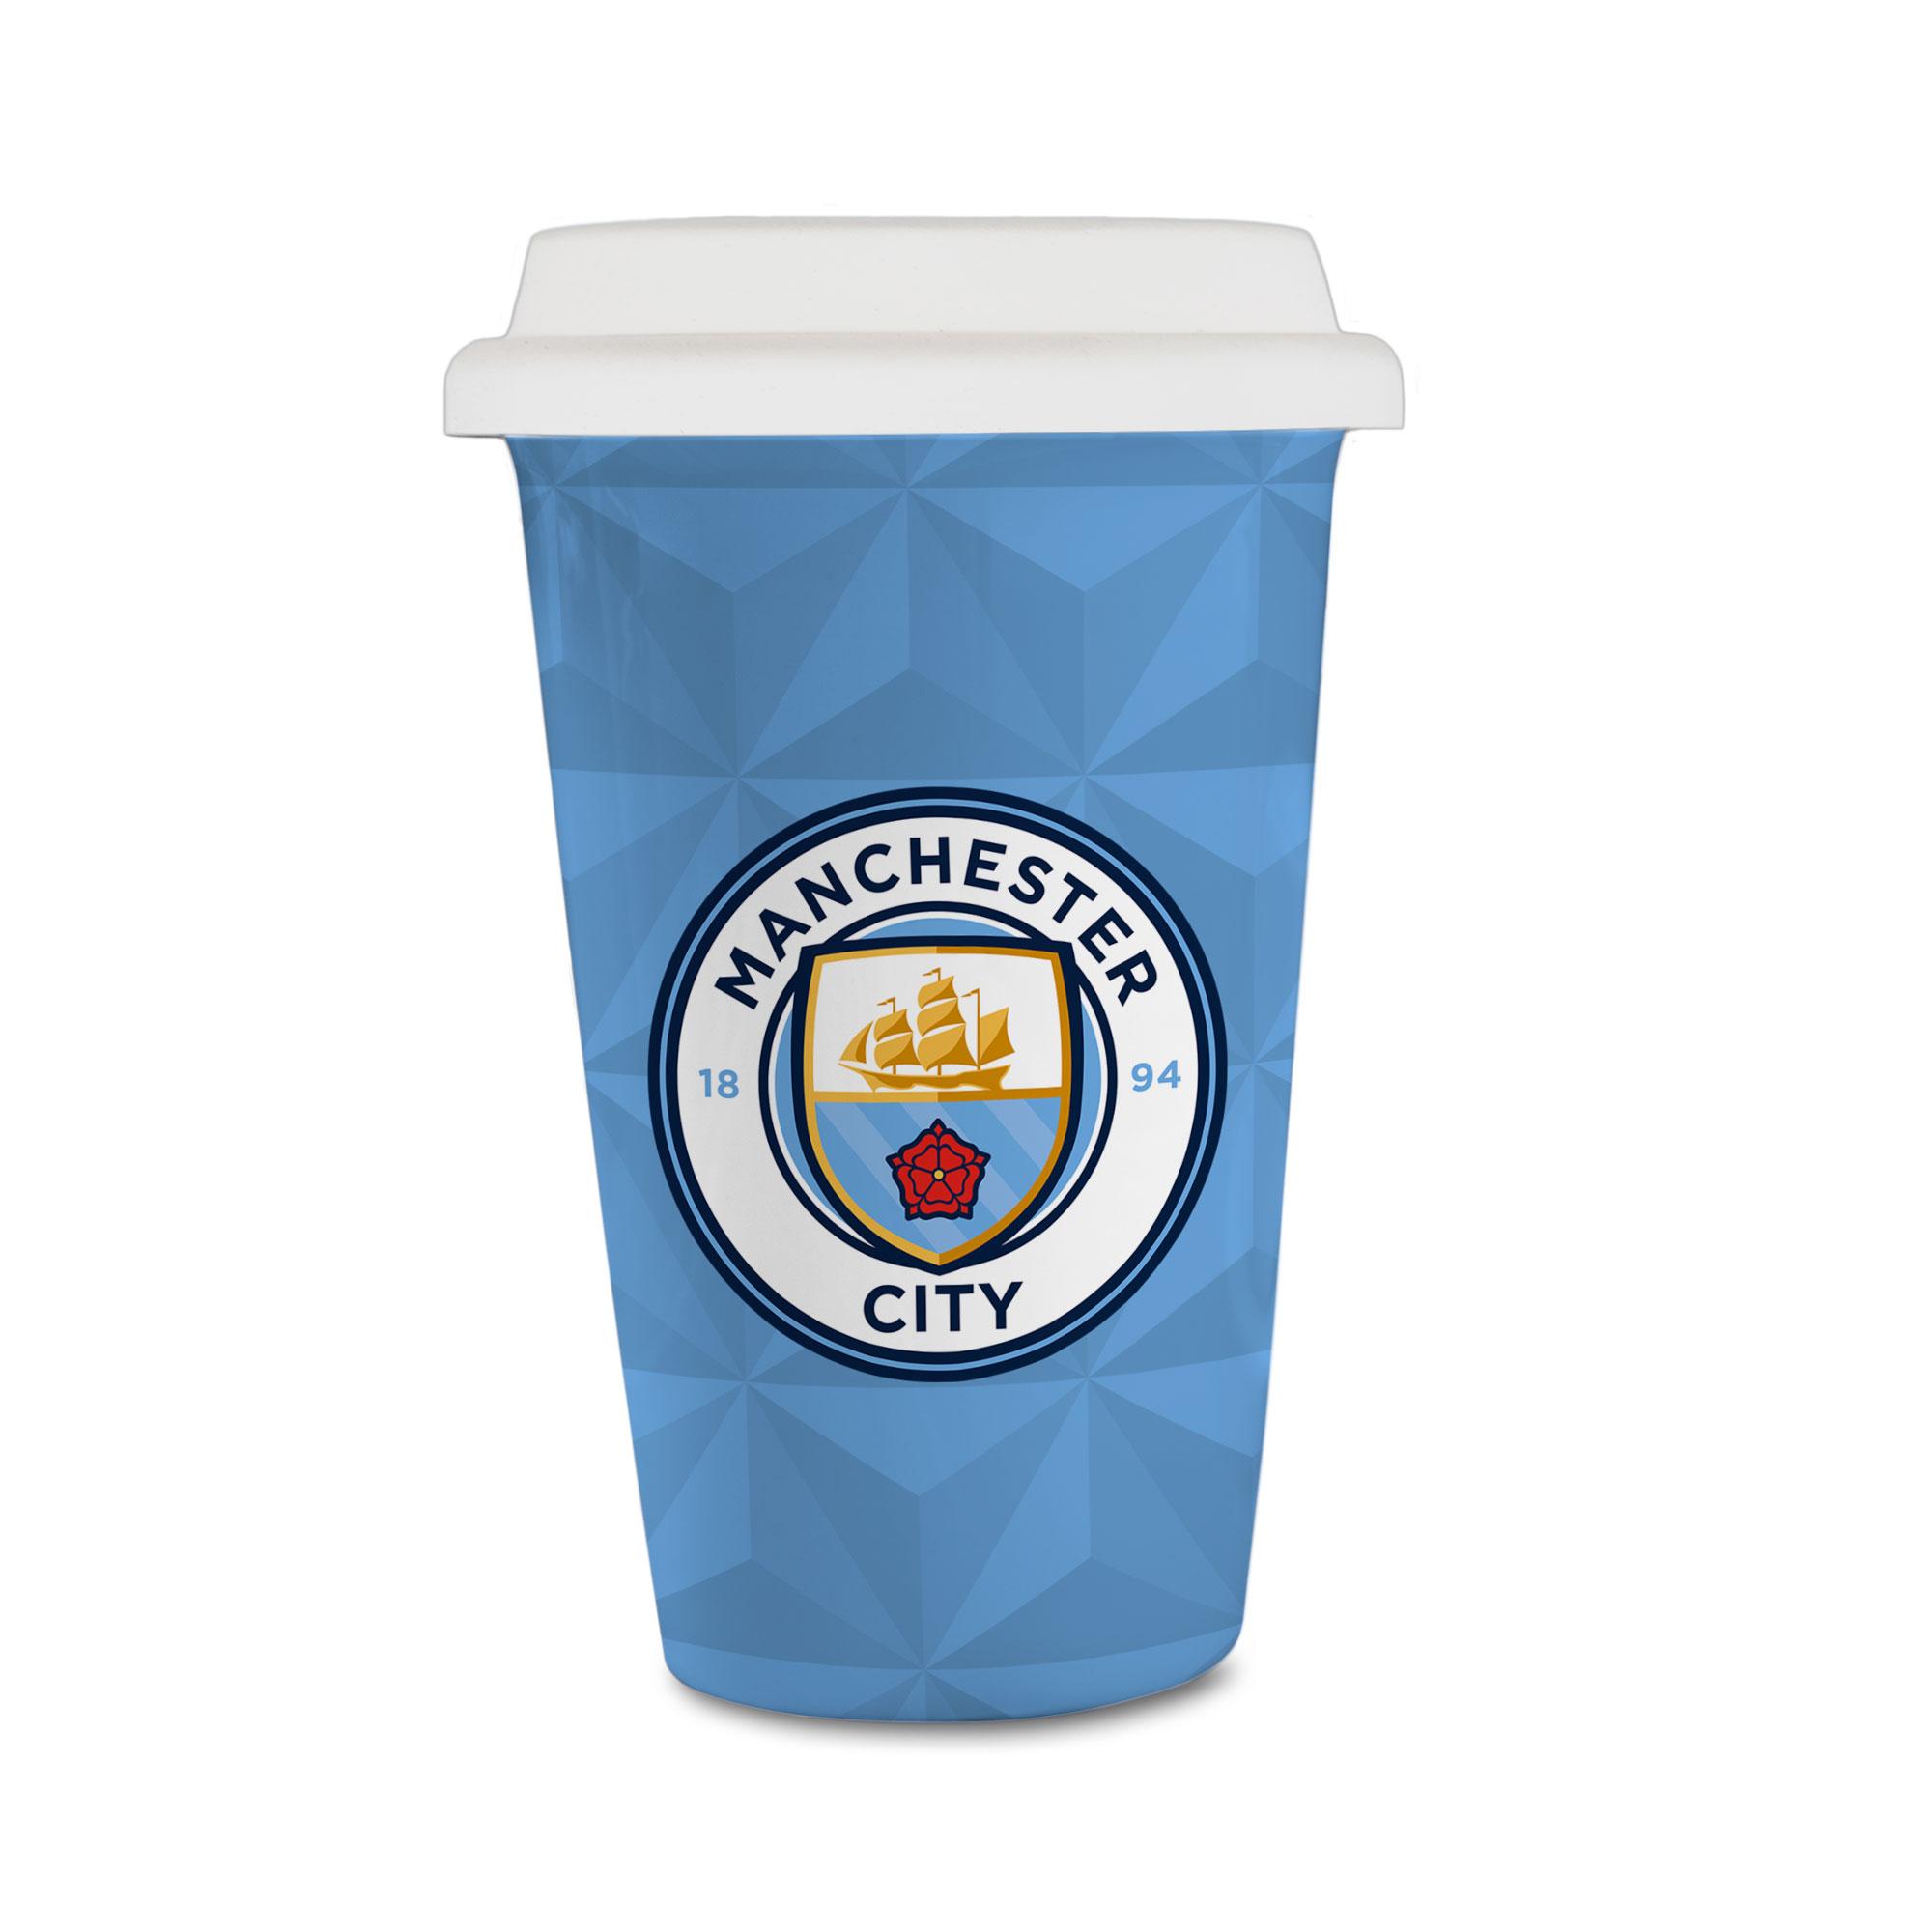 Manchester City FC Crest Reusable Cup